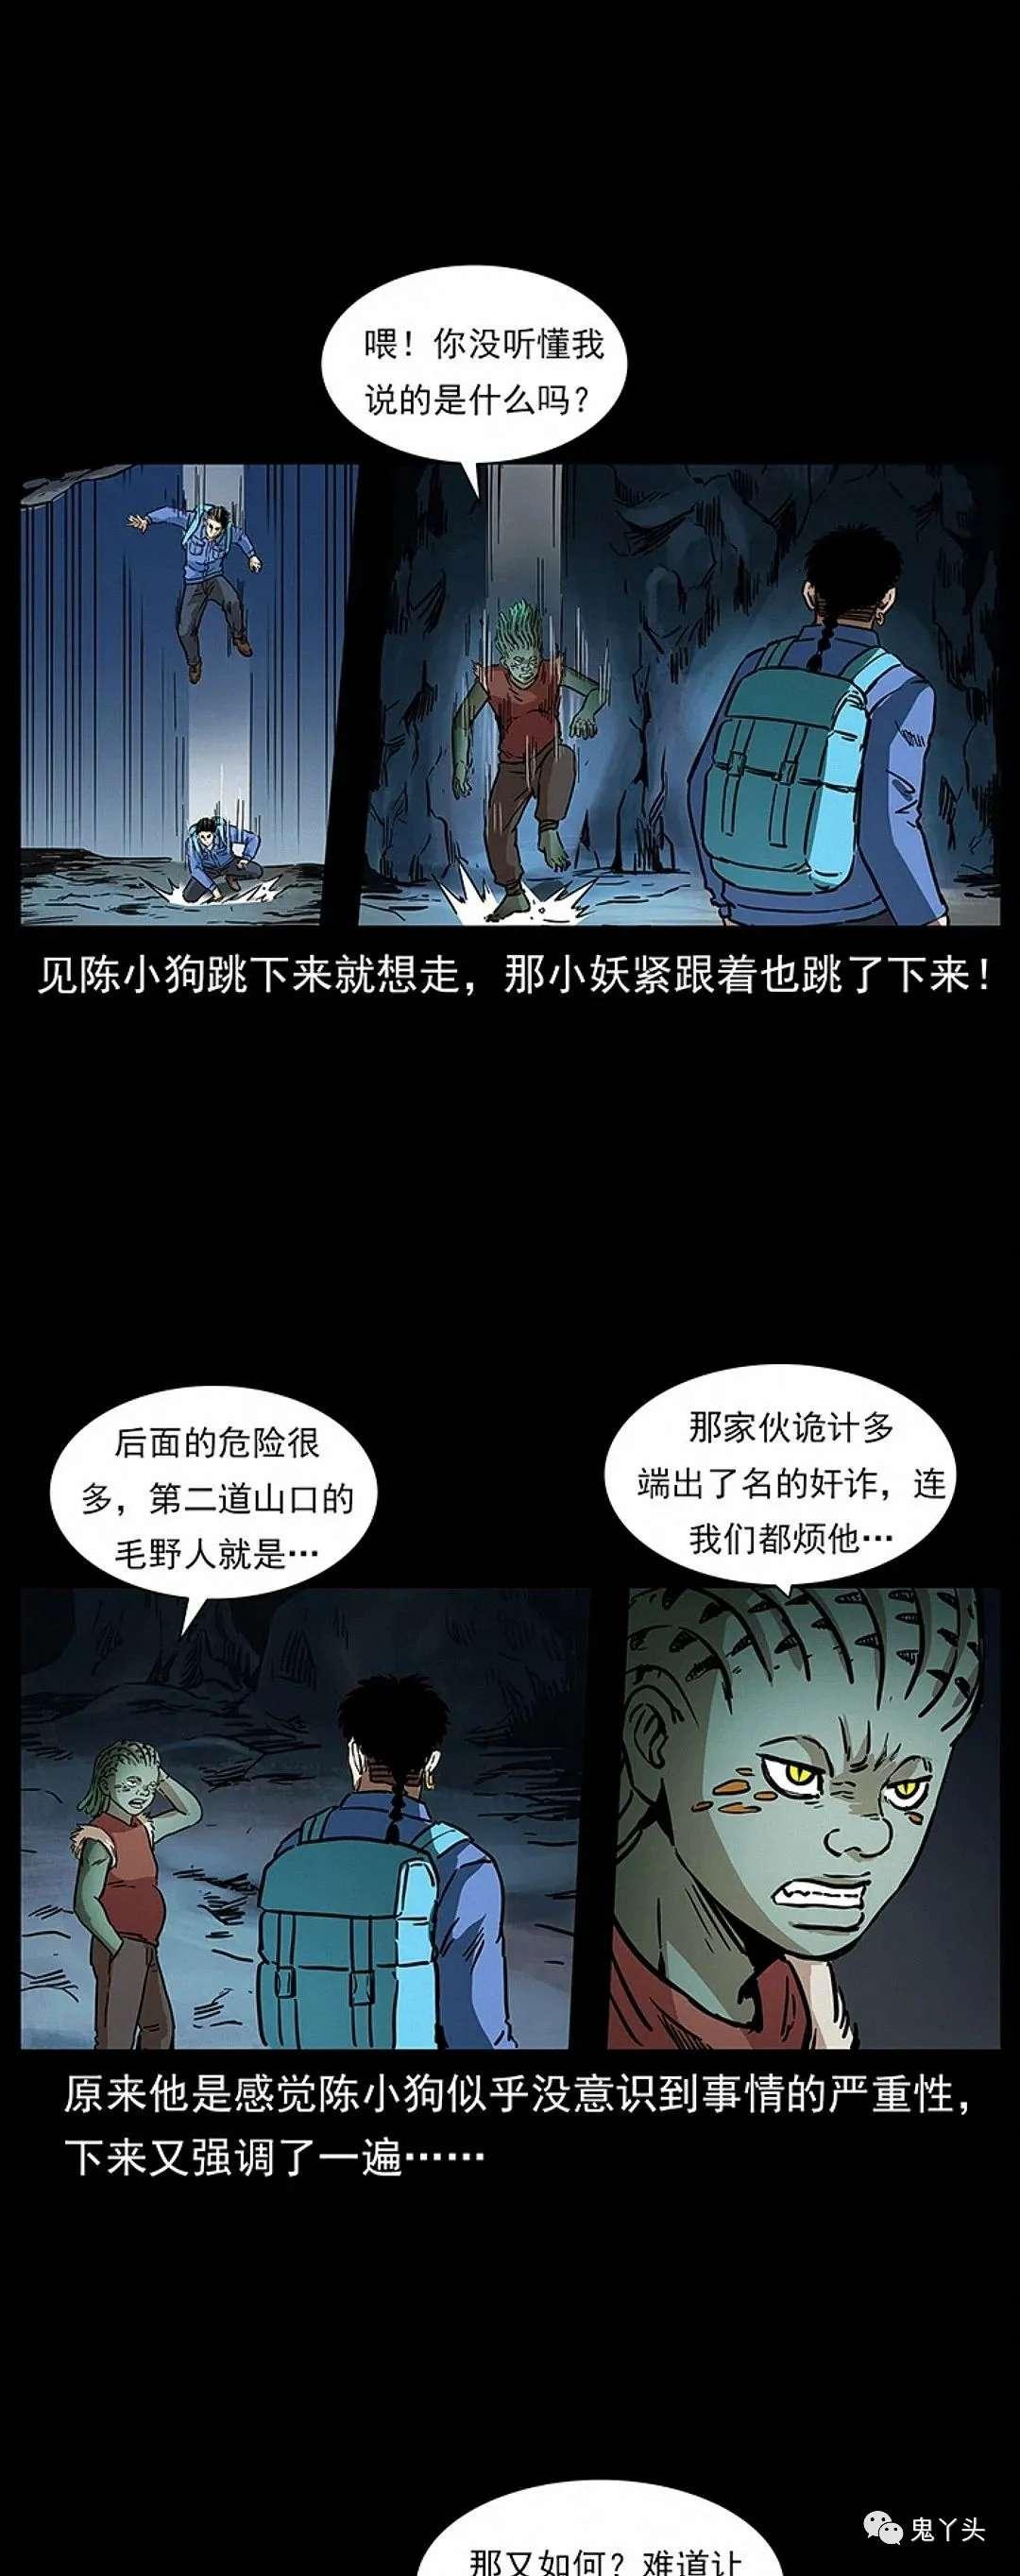 【漫画更新】幽冥诡匠 第278话 《神族的计划》